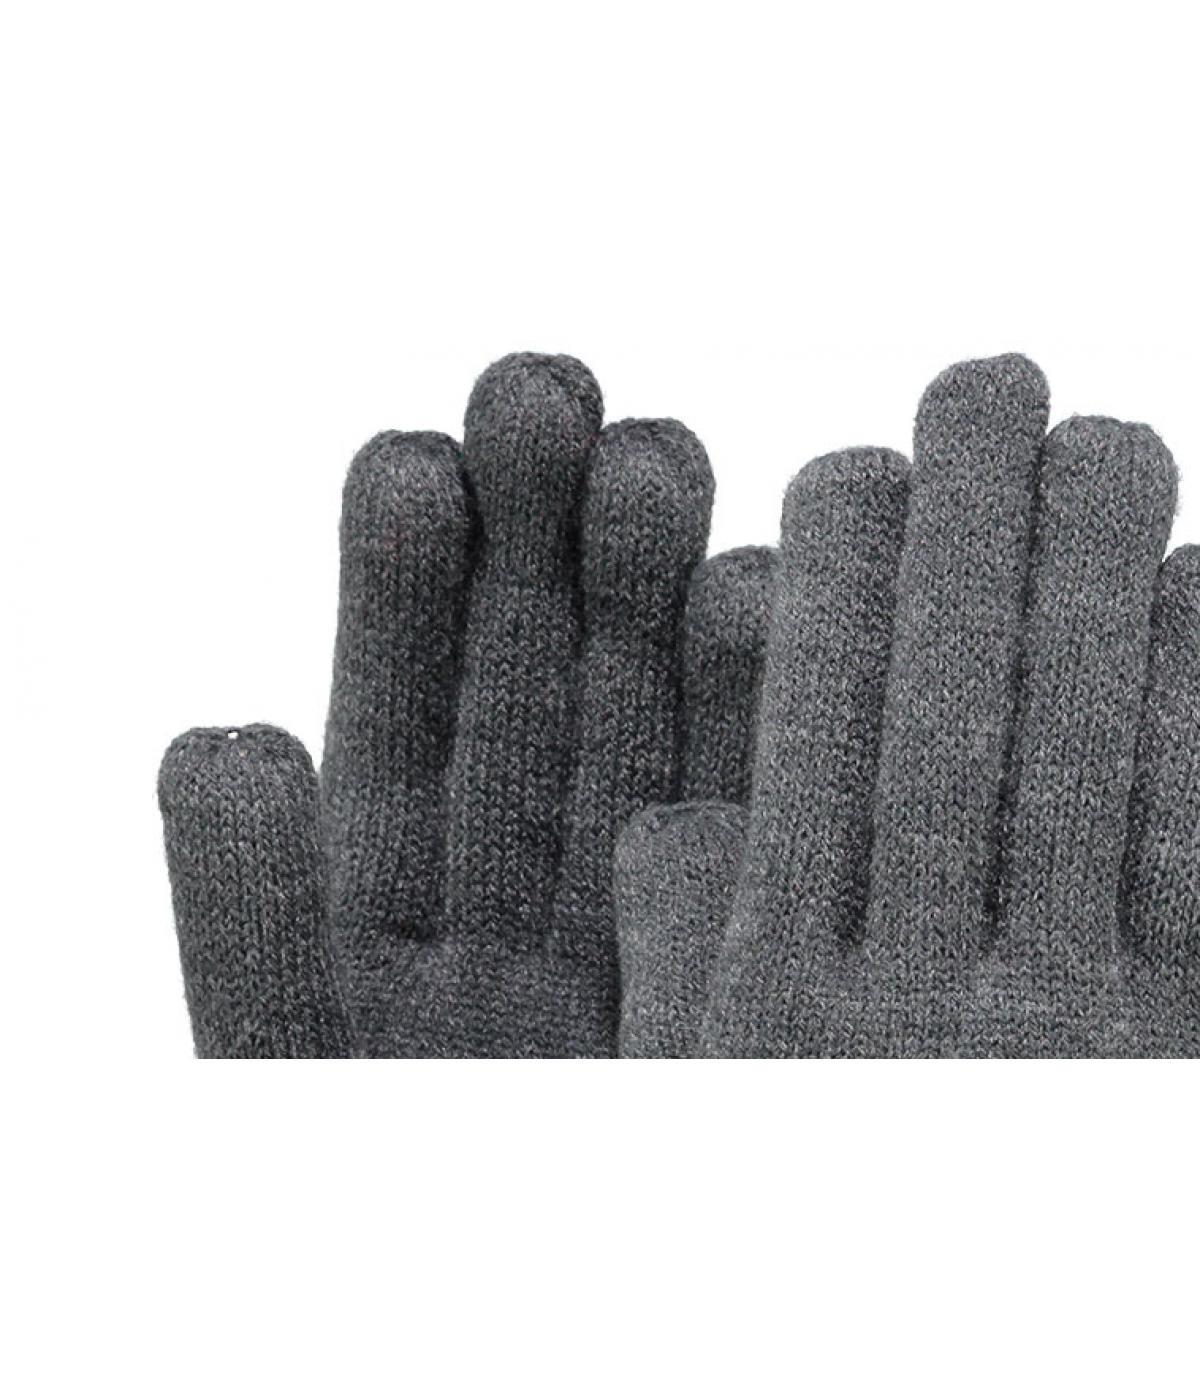 Detalles Fine knitted gloves dark heather imagen 2